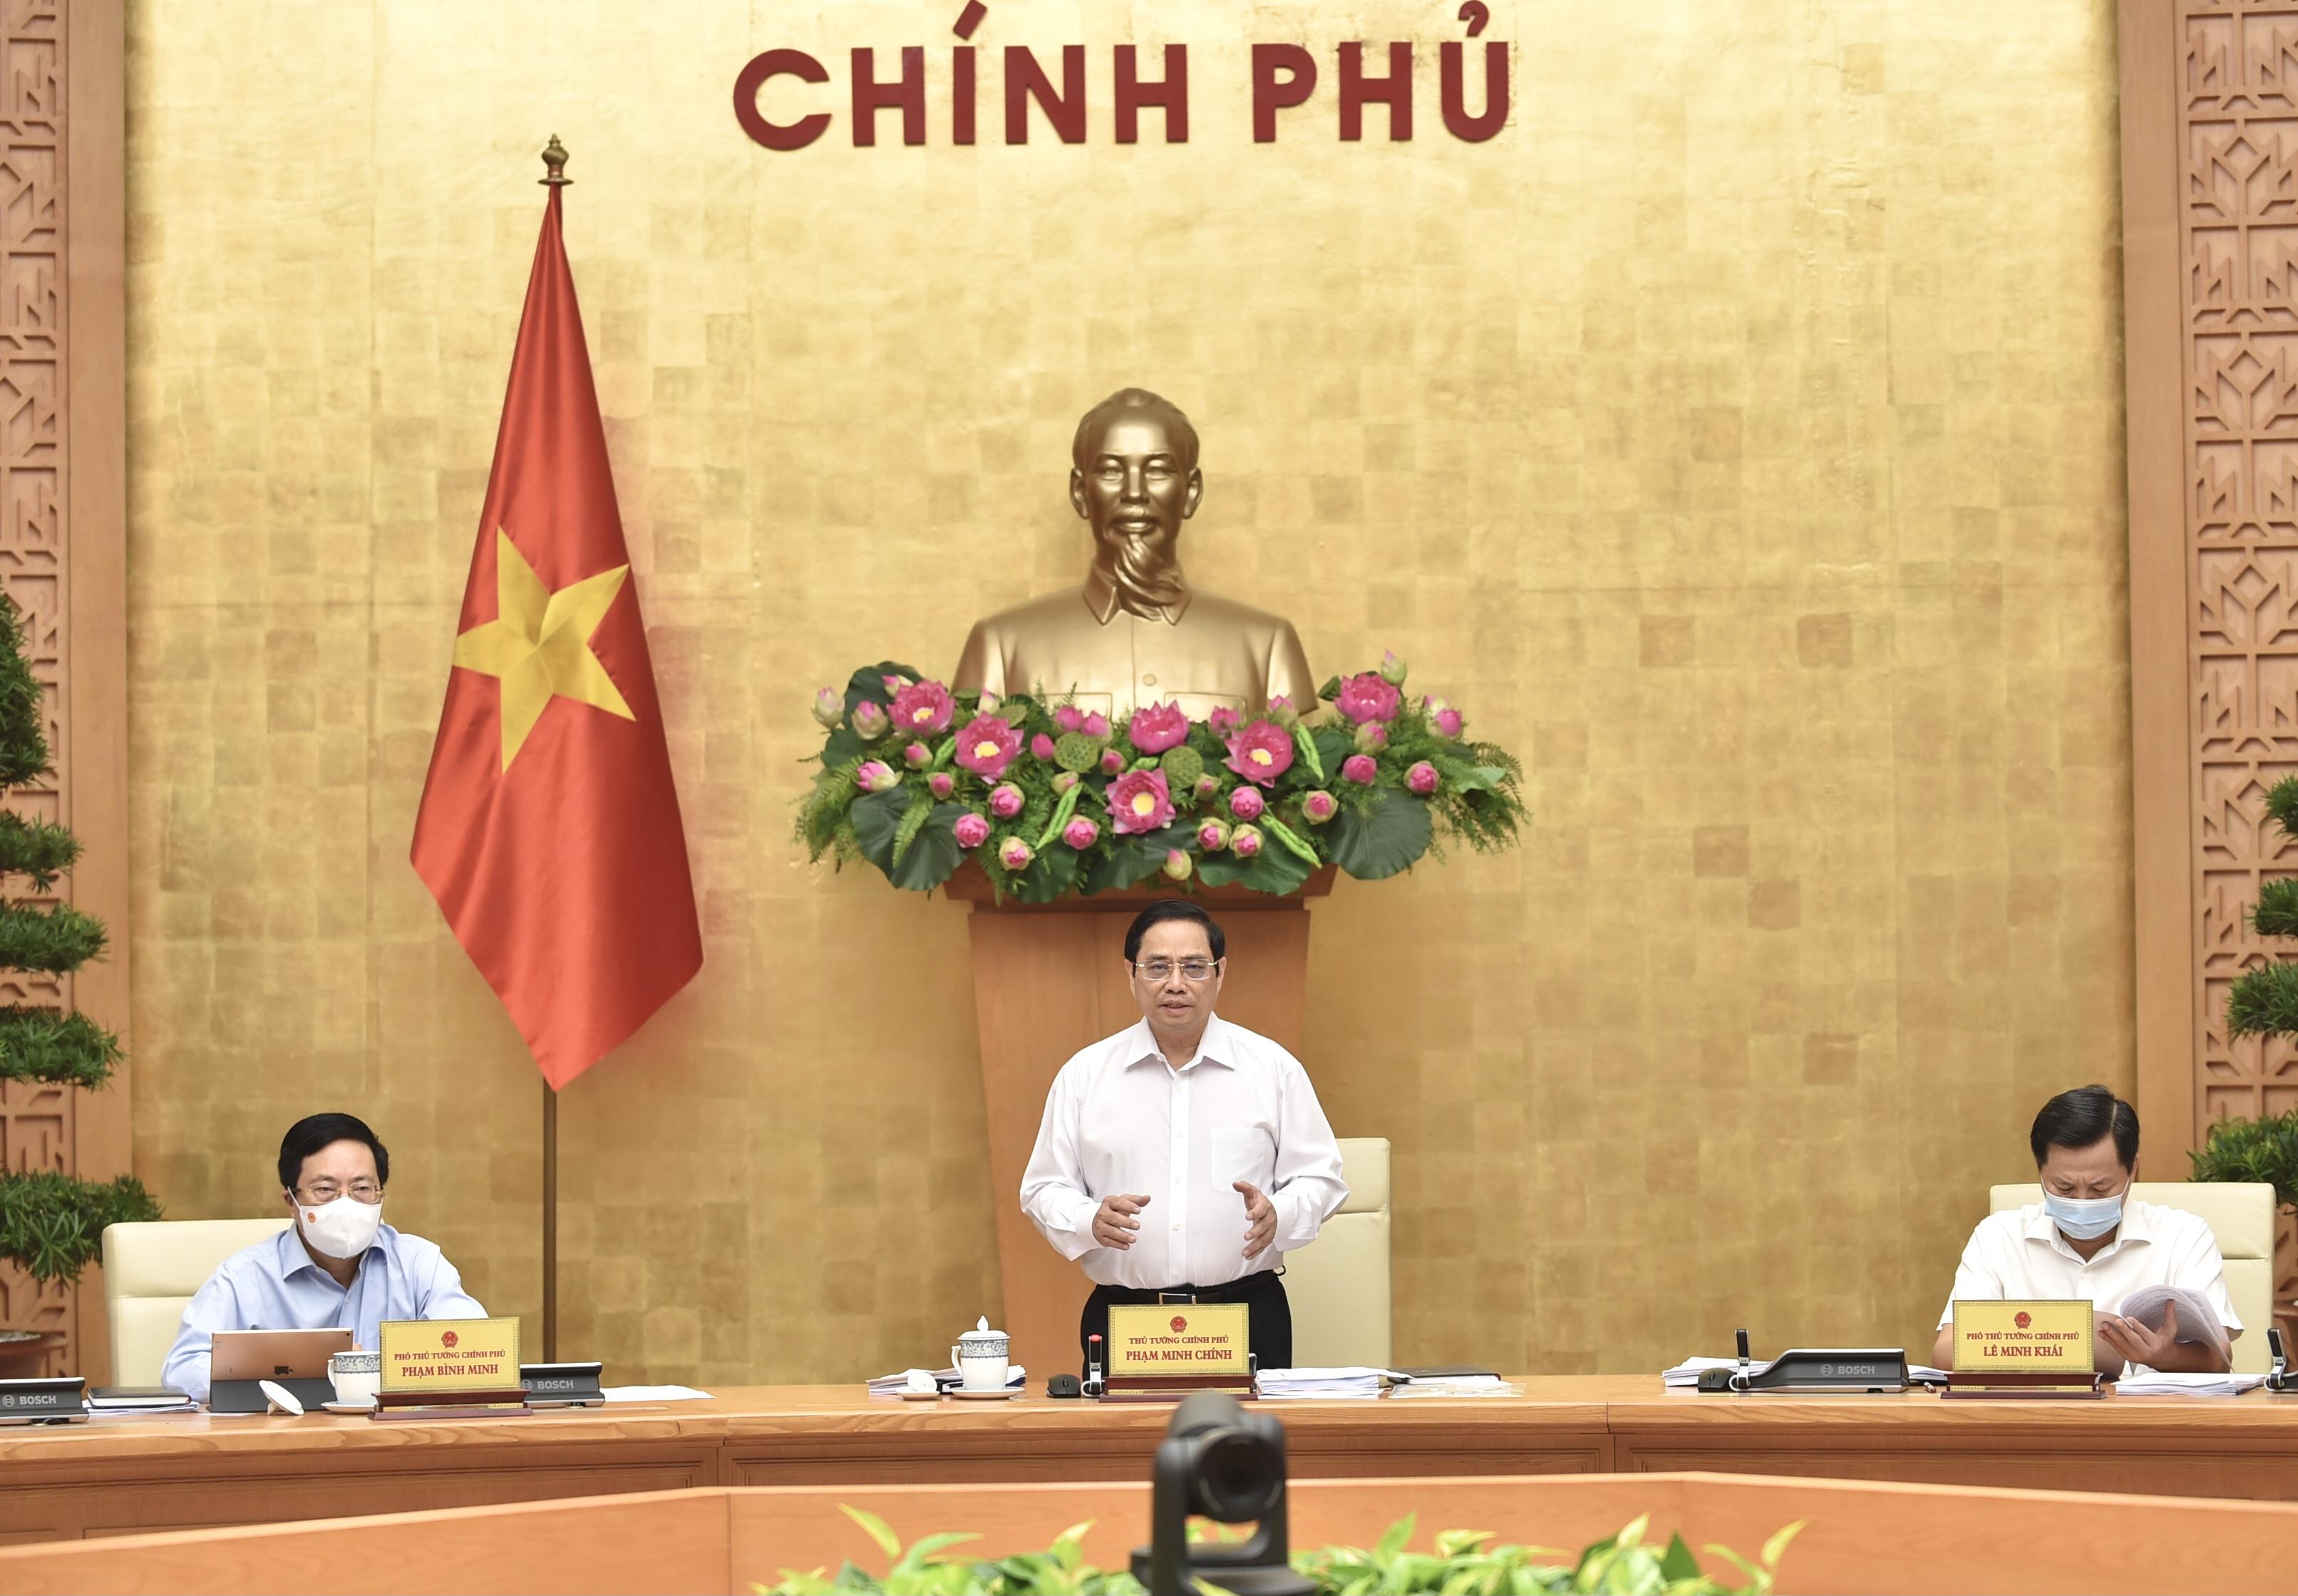 Chính phủ xây dựng kế hoạch kịch bản phục hồi và thúc đẩy kinh tế trong điều kiện mới